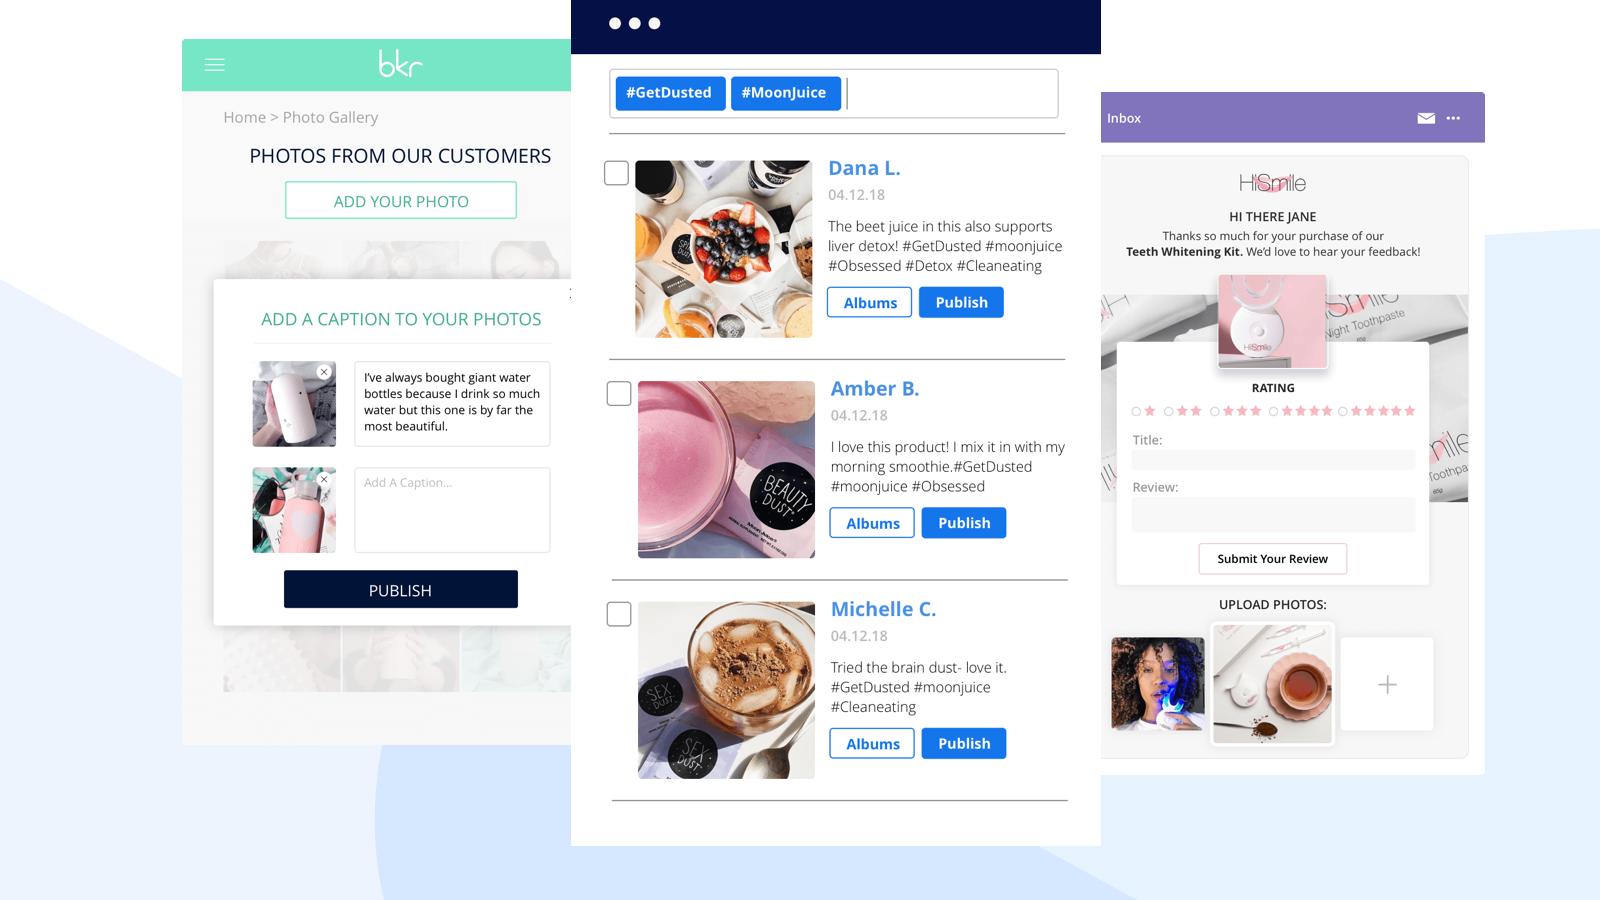 客戶評論視覺化yotpo小工具電子商務行銷策略